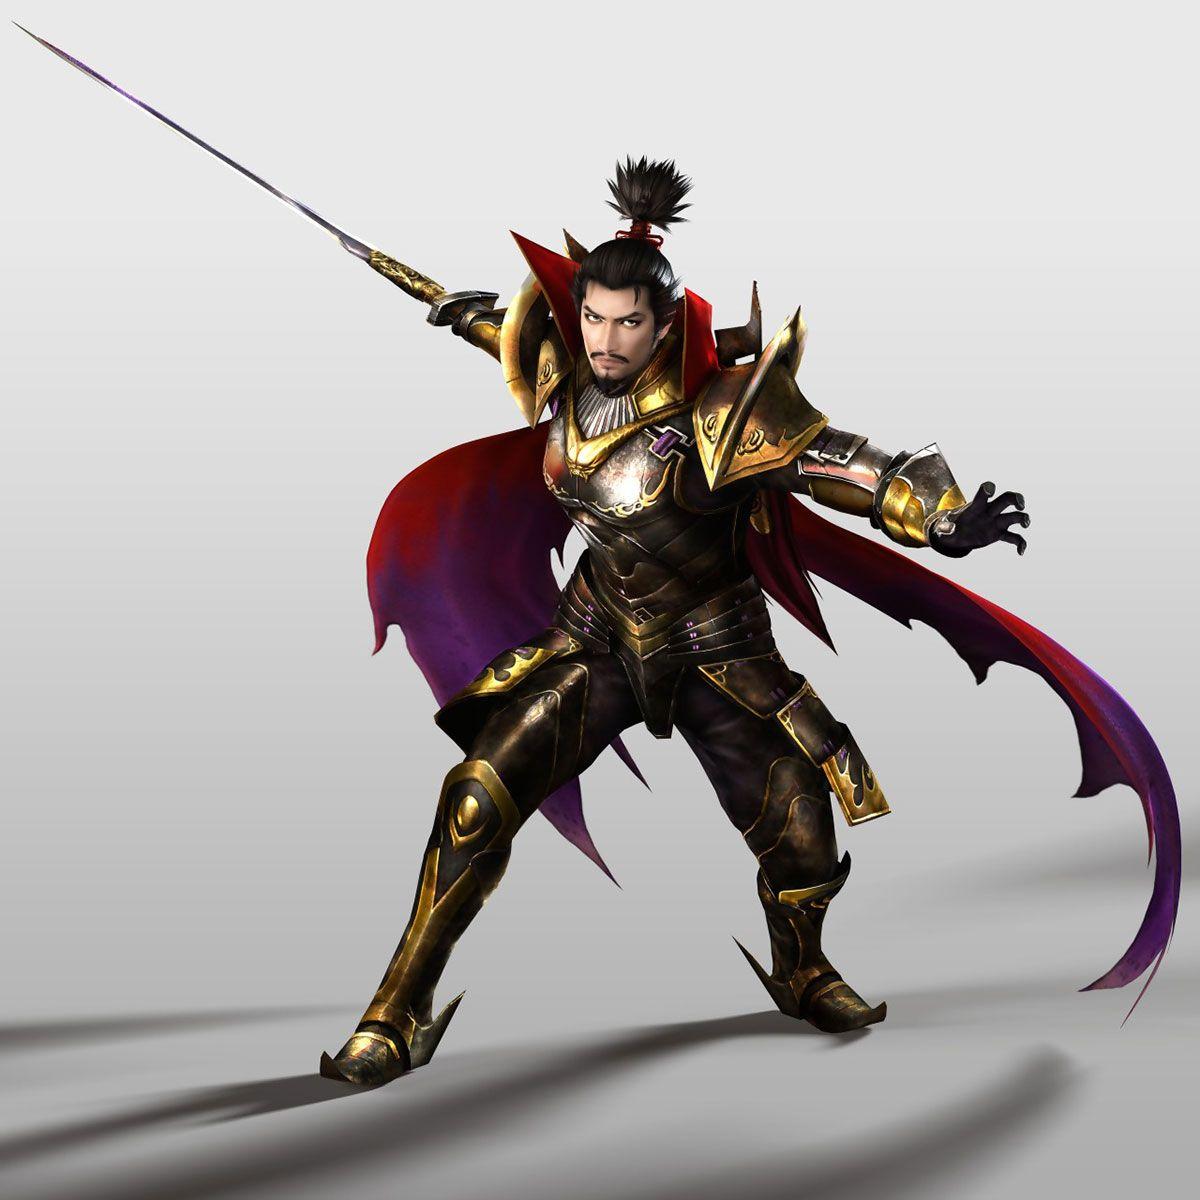 samurai warriors 2 nobunaga oda ending a relationship